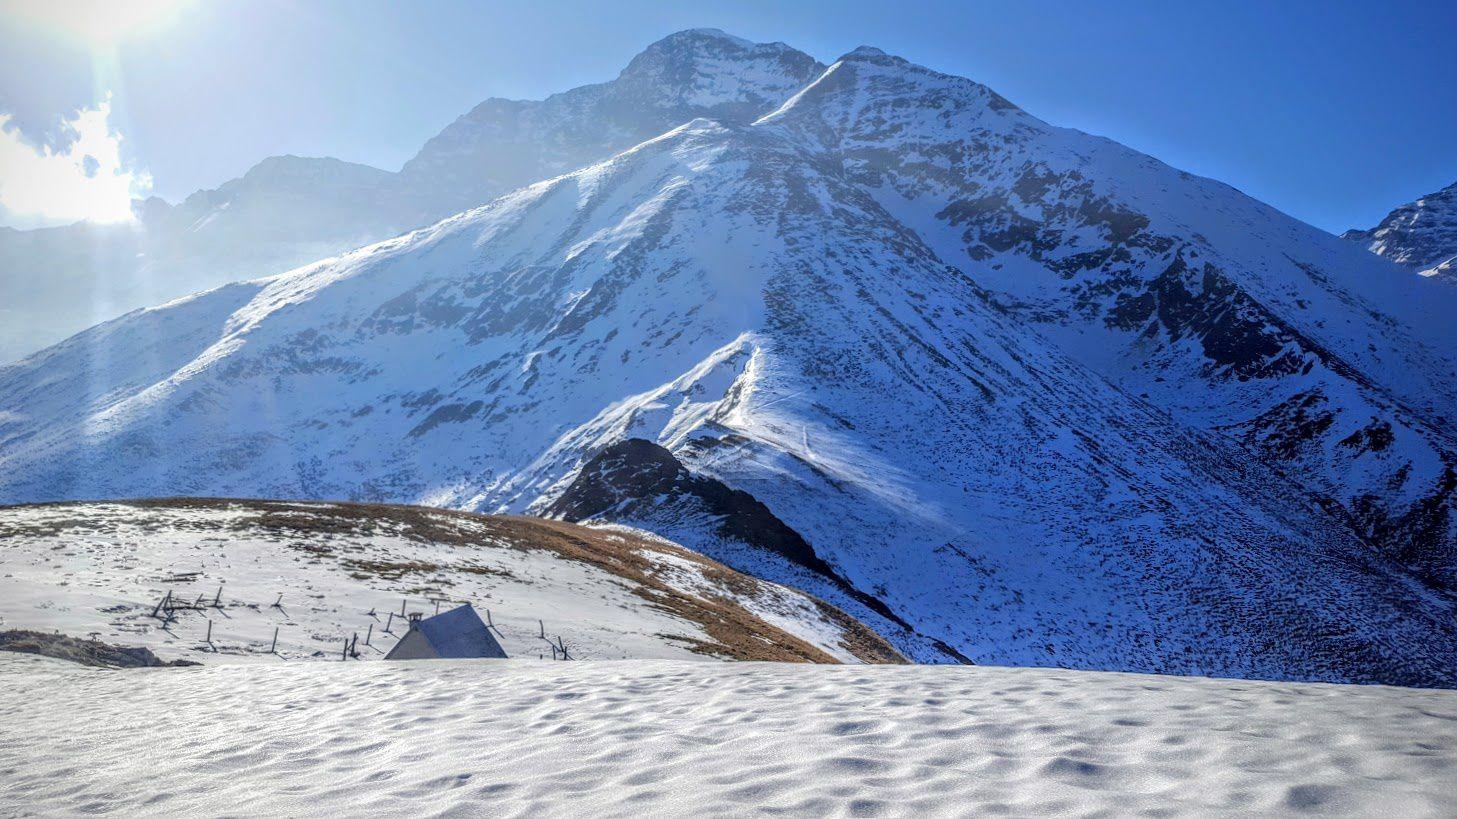 Descendre au Col du L'ARECH, puis remonter au Tuc de CAGONILLE, puis atteindre la COUME de LAUZE, et La MAIL dé BULARD tout là-haut !